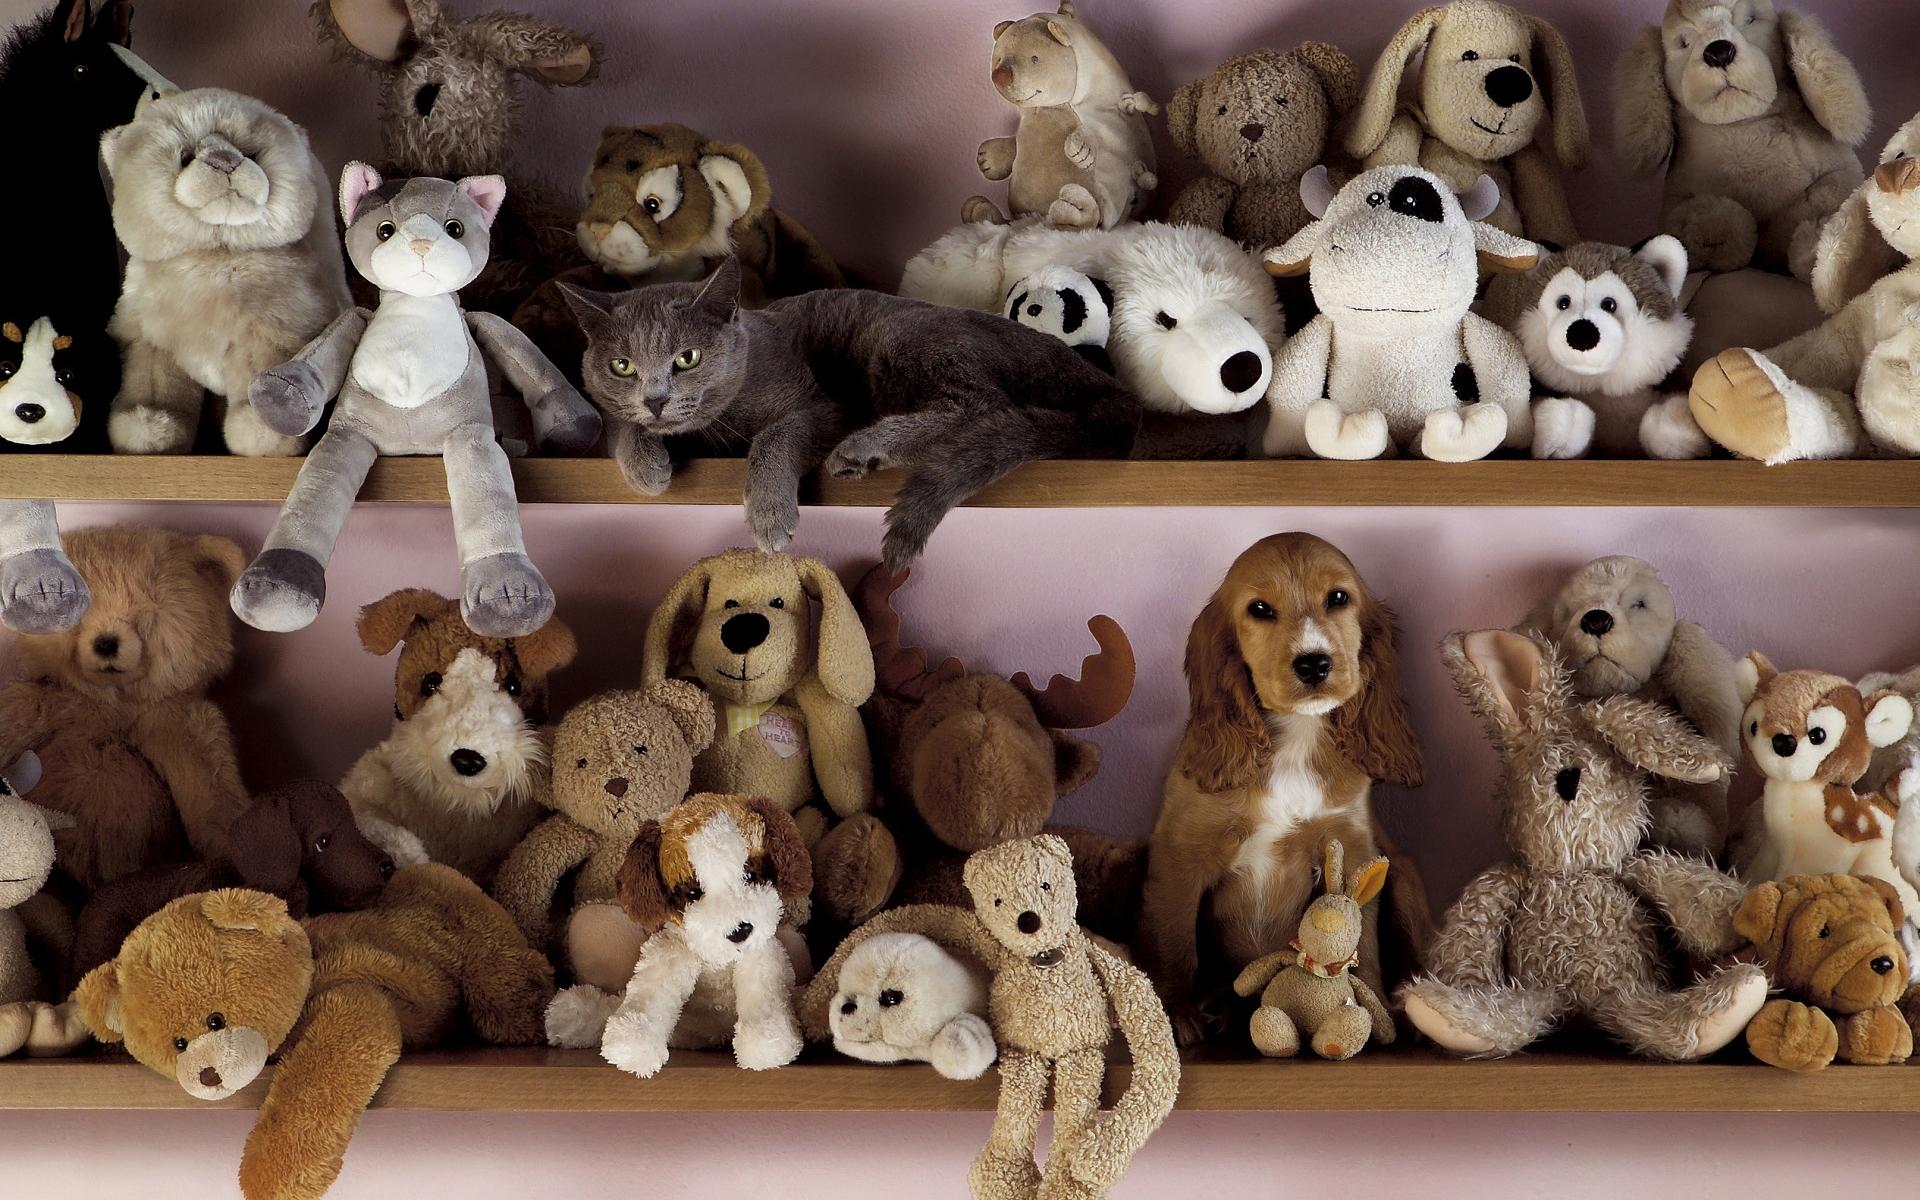 смотреть картинки игрушек животных